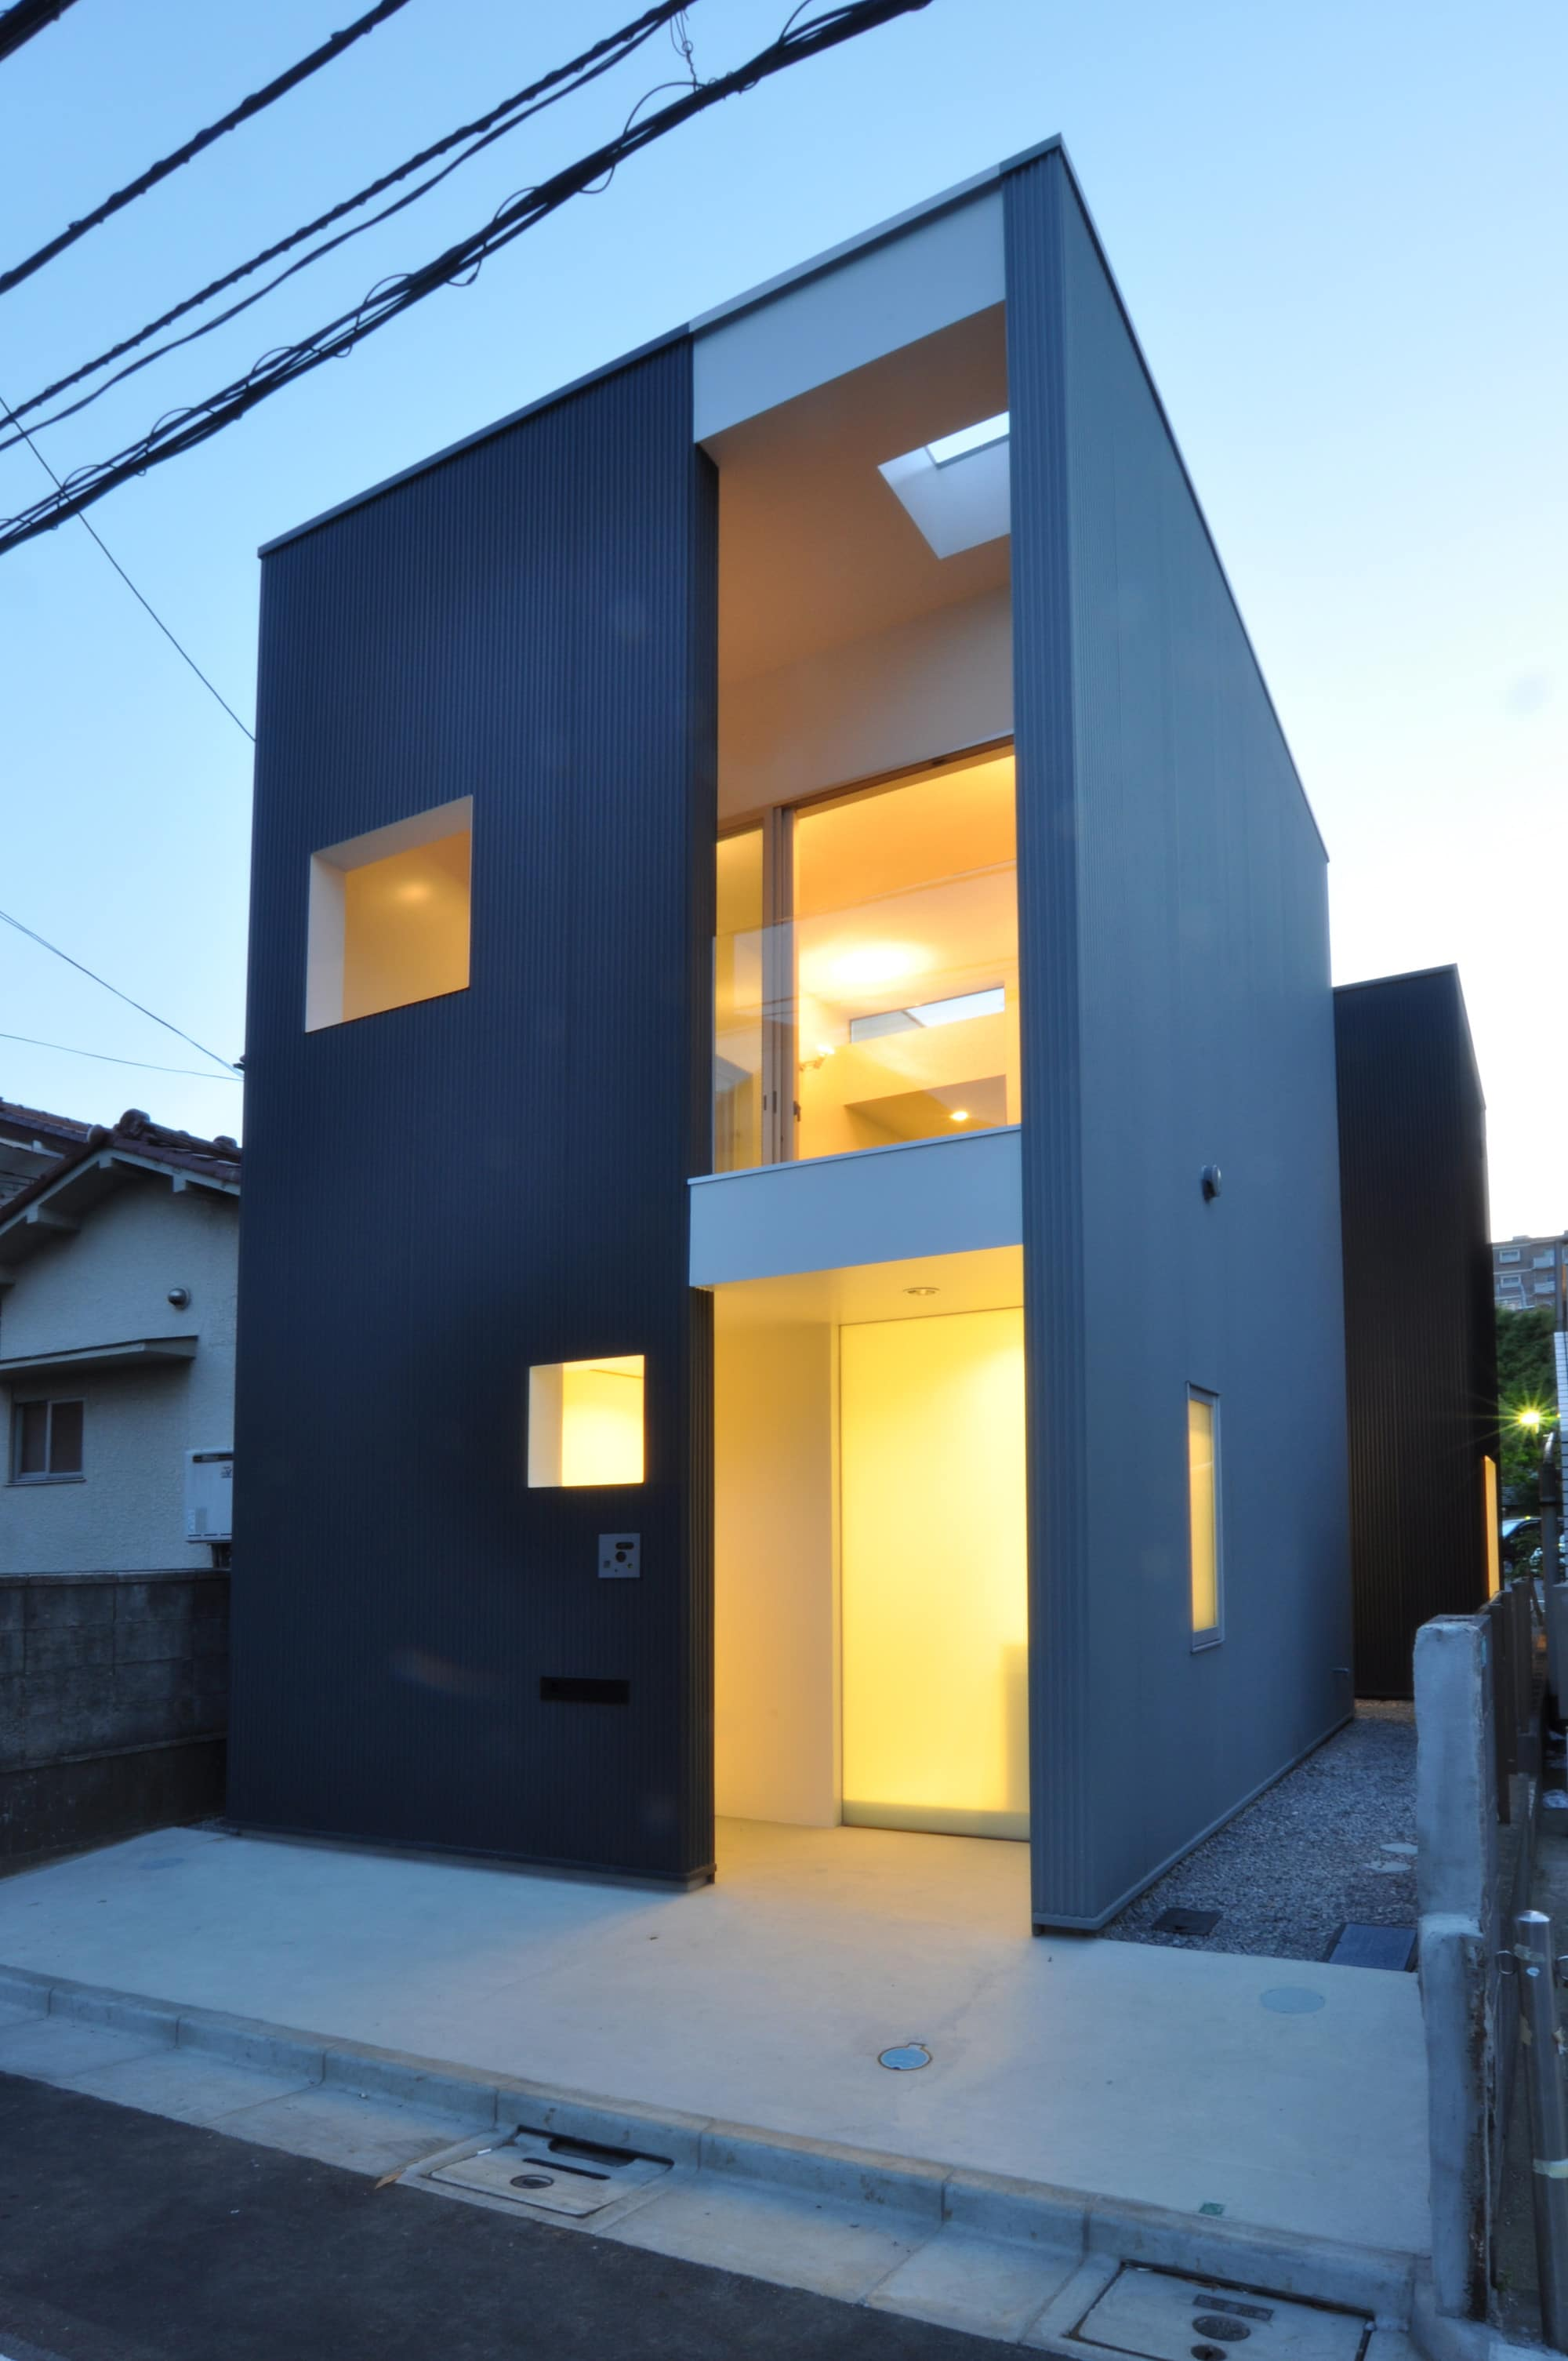 Dise o de casas angostas y largas construye hogar for Disenos de pisos para casas